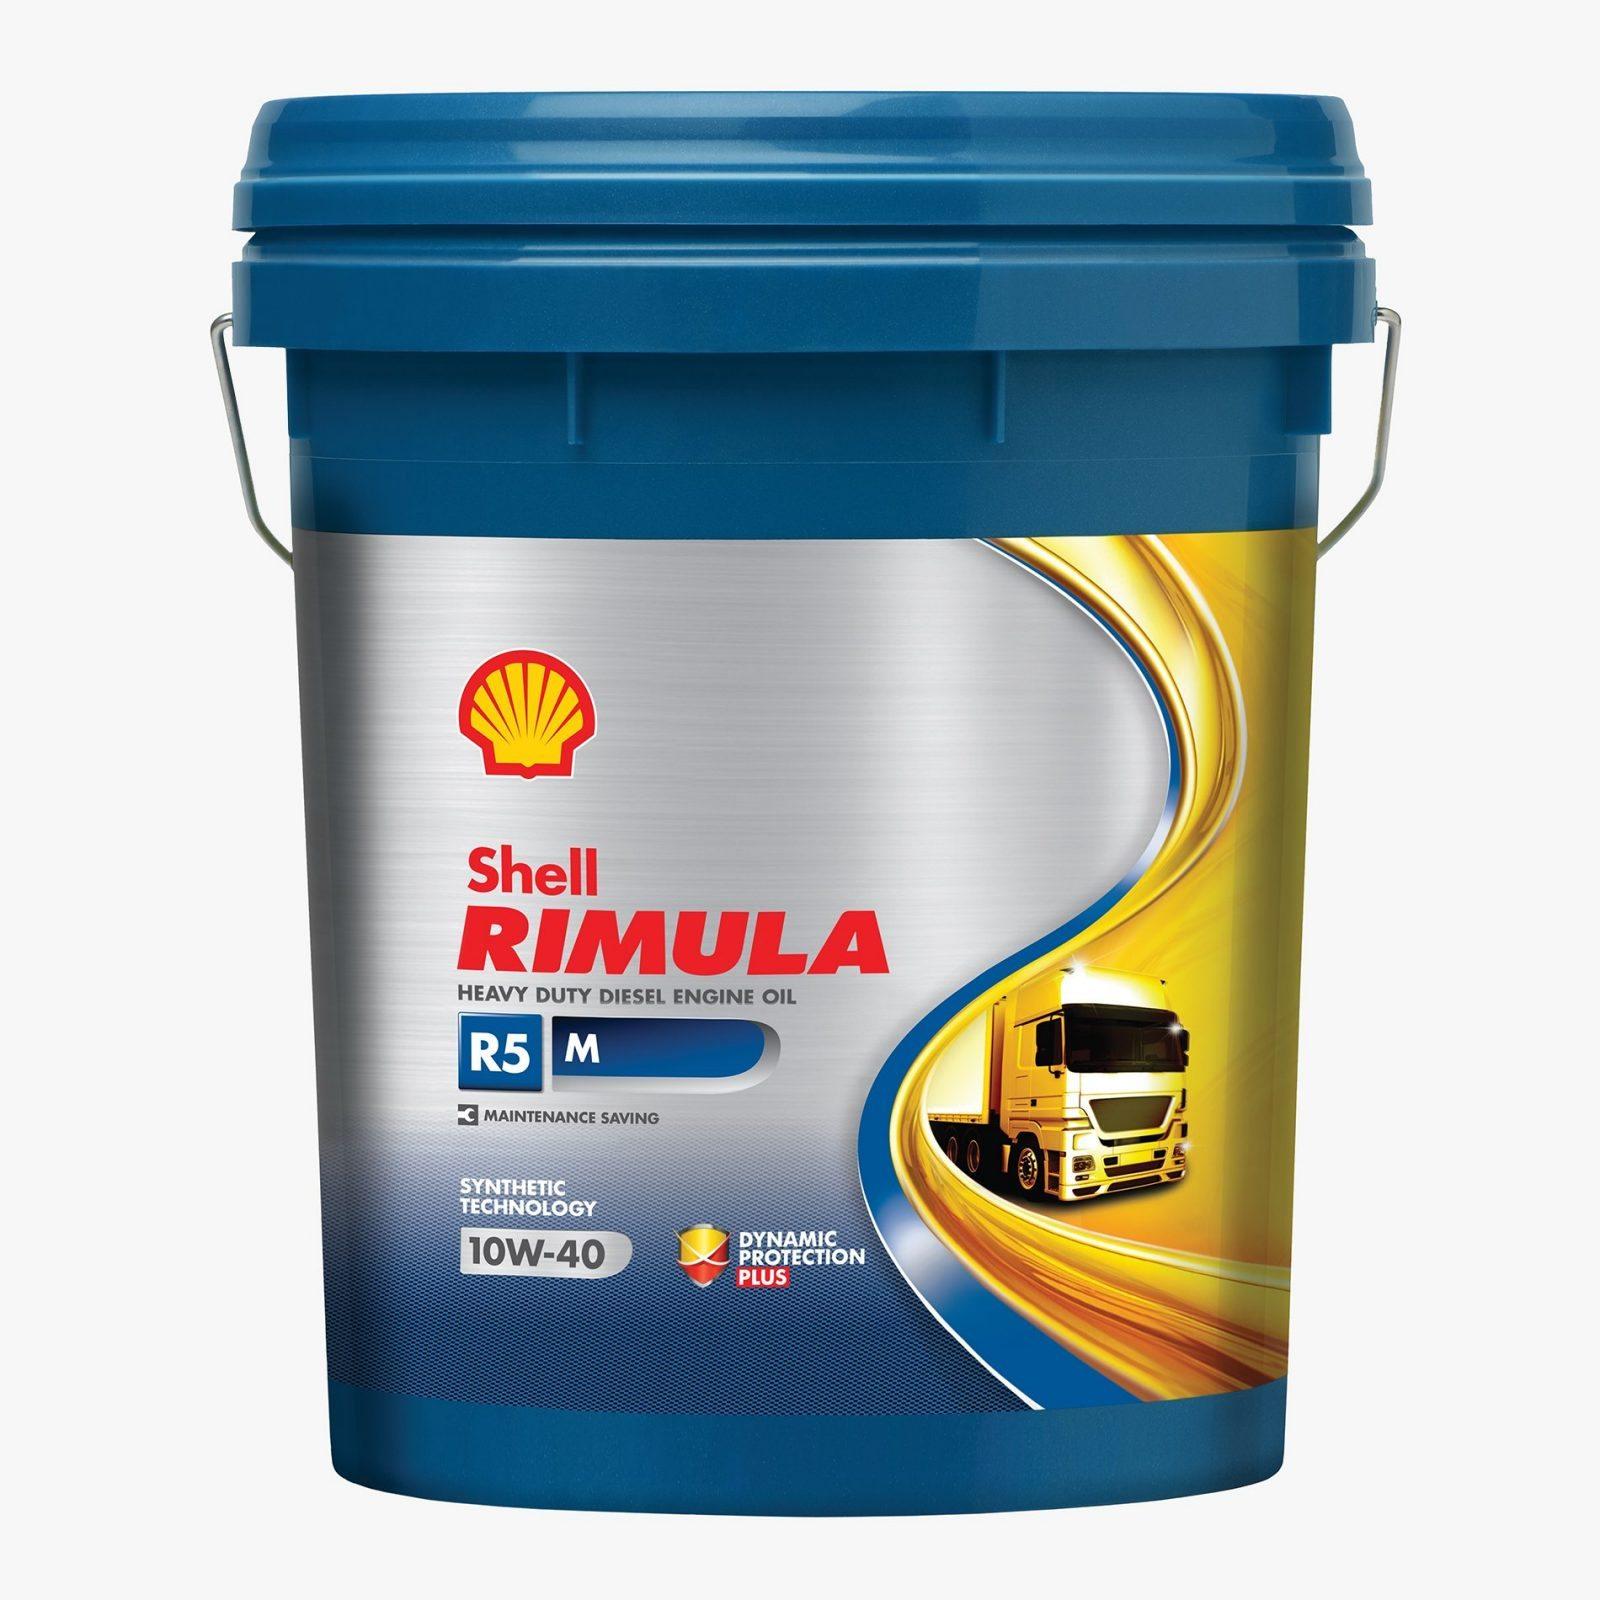 Shell Rimula R5 M